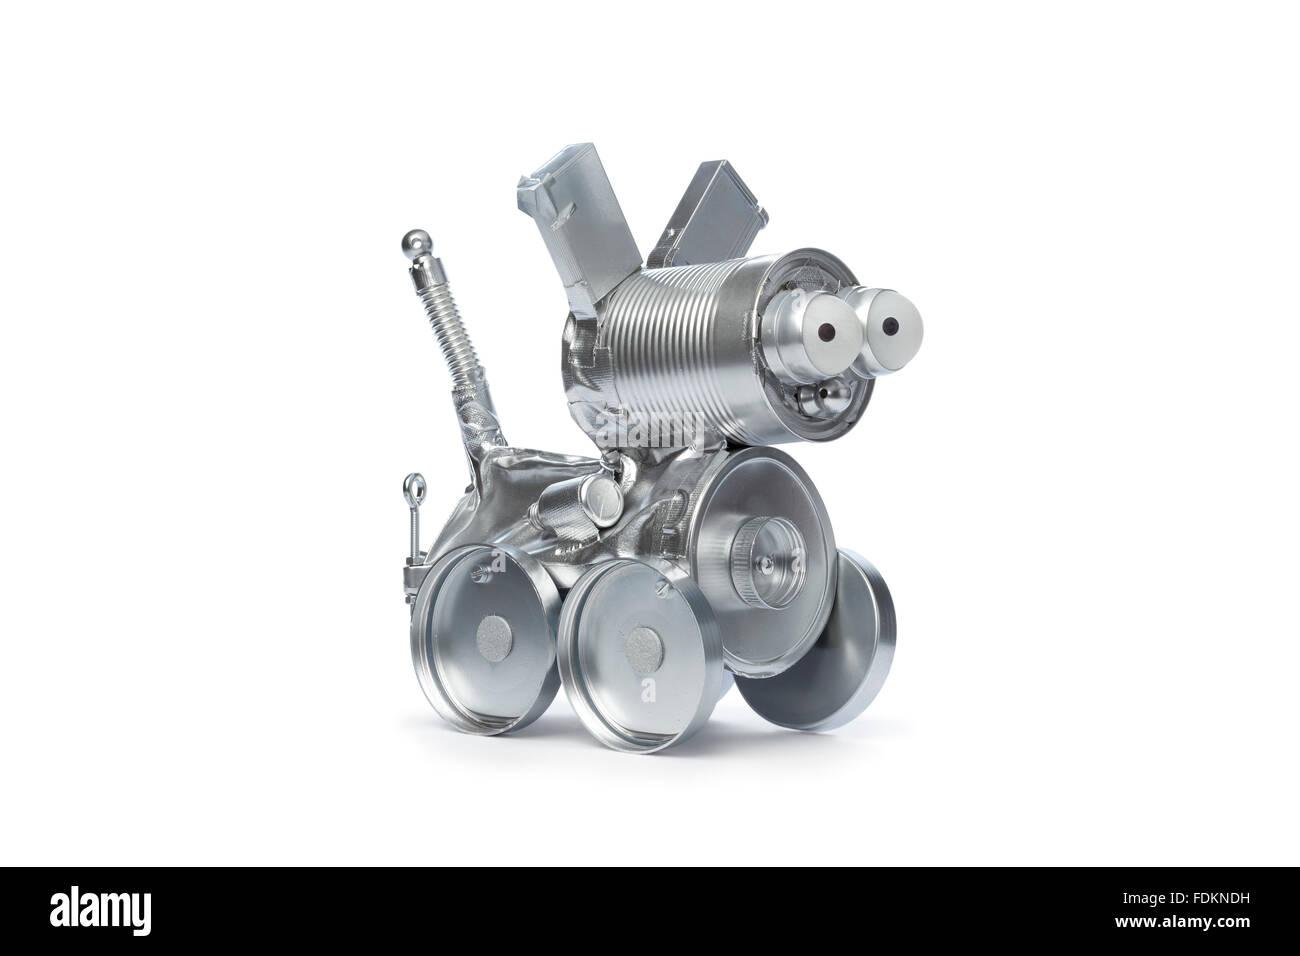 Chien robot d'étain sur fond blanc Banque D'Images